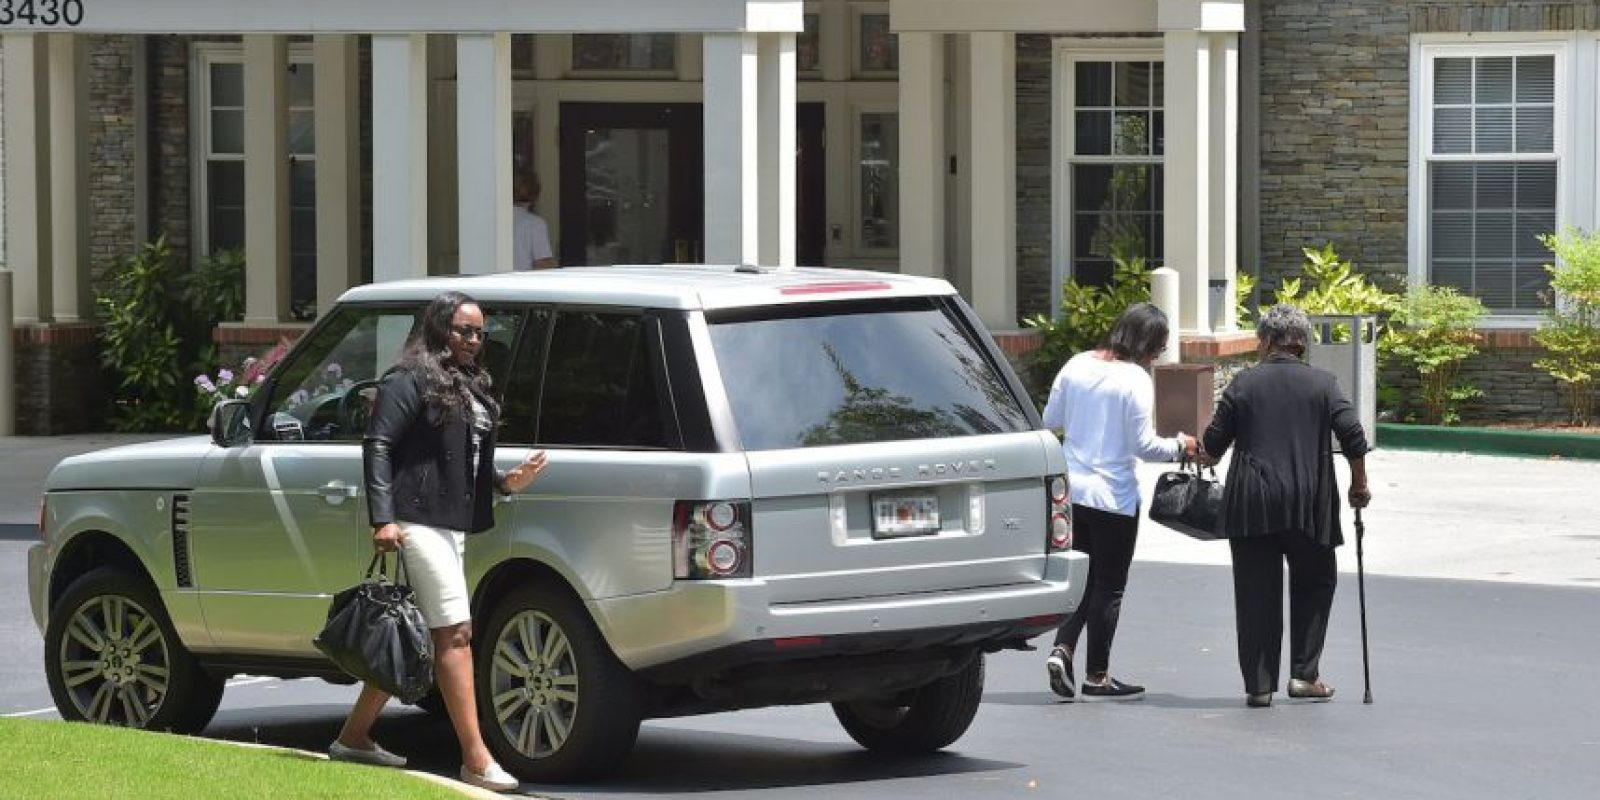 Familiares de Houston llegaron minutos antes del lugar, por lo que se especuló que la persona que salió del vehículo era Bobbi. Foto:Getty Images